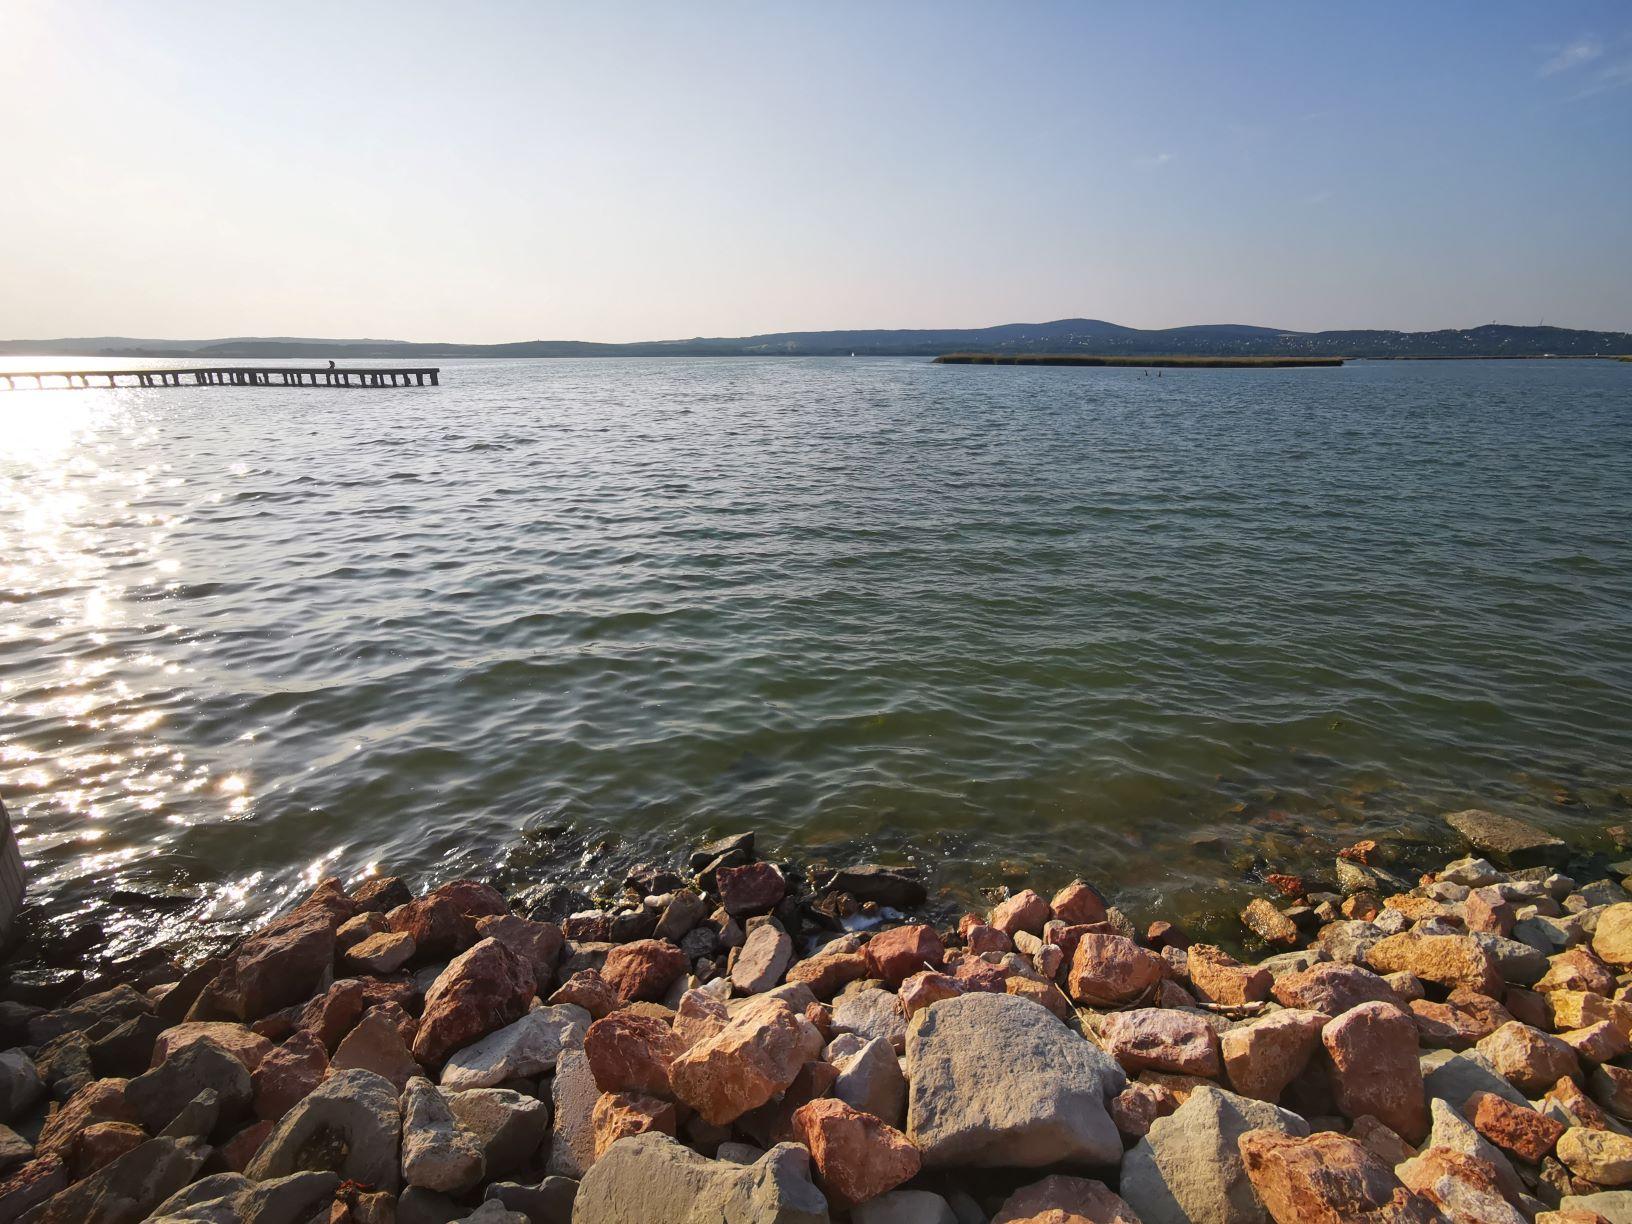 Velencei-tó: Fürdőzőket tényleg nem nagyon látni sehol